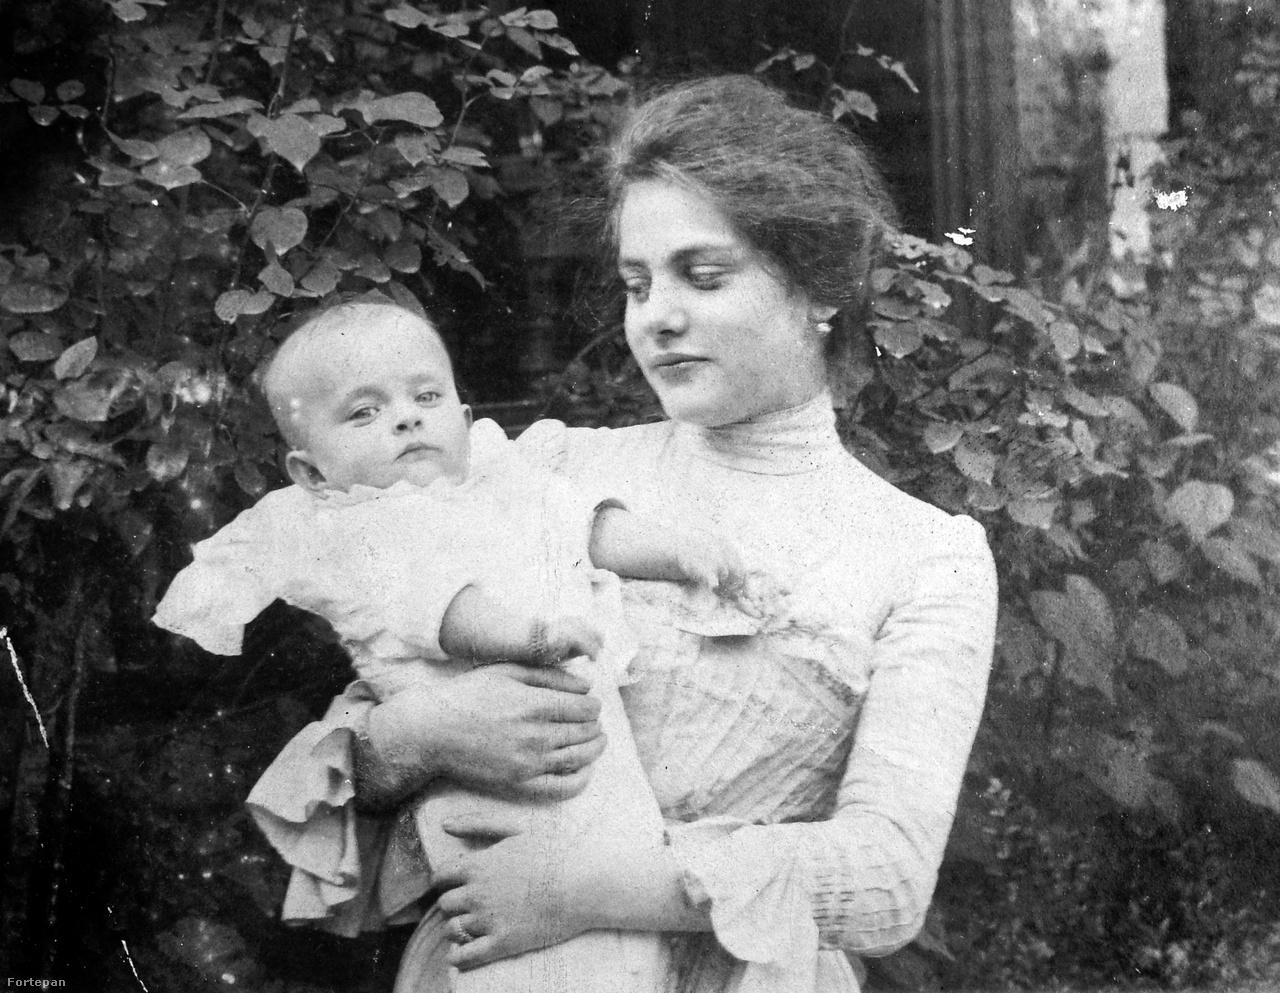 """A 19. században otthon és bábaasszony segítségével szült, aki megengedhette magának. A kórházakban leginkább a prostituáltak, munkásnők, többnyire leányanyák kényszerültek szülni. A szülés nem volt veszélytelen: az 1850-es években több vagyonos asszony végrendelkezett előtte. A kisbabát sokszor a legjobb körökben is maguk szoptatták. Szilárda, Veres Pálné lánya beszámolt arról, hogy amikor 1862-ben a család barátja, Madách szűk körű felolvasást tartott nekik, """"az író mindenkor szünetet tartott olvasmányában, mikor engem elhívtak, mert gyermekemet magam tápláltam, ez eléggé gyakran történt."""""""